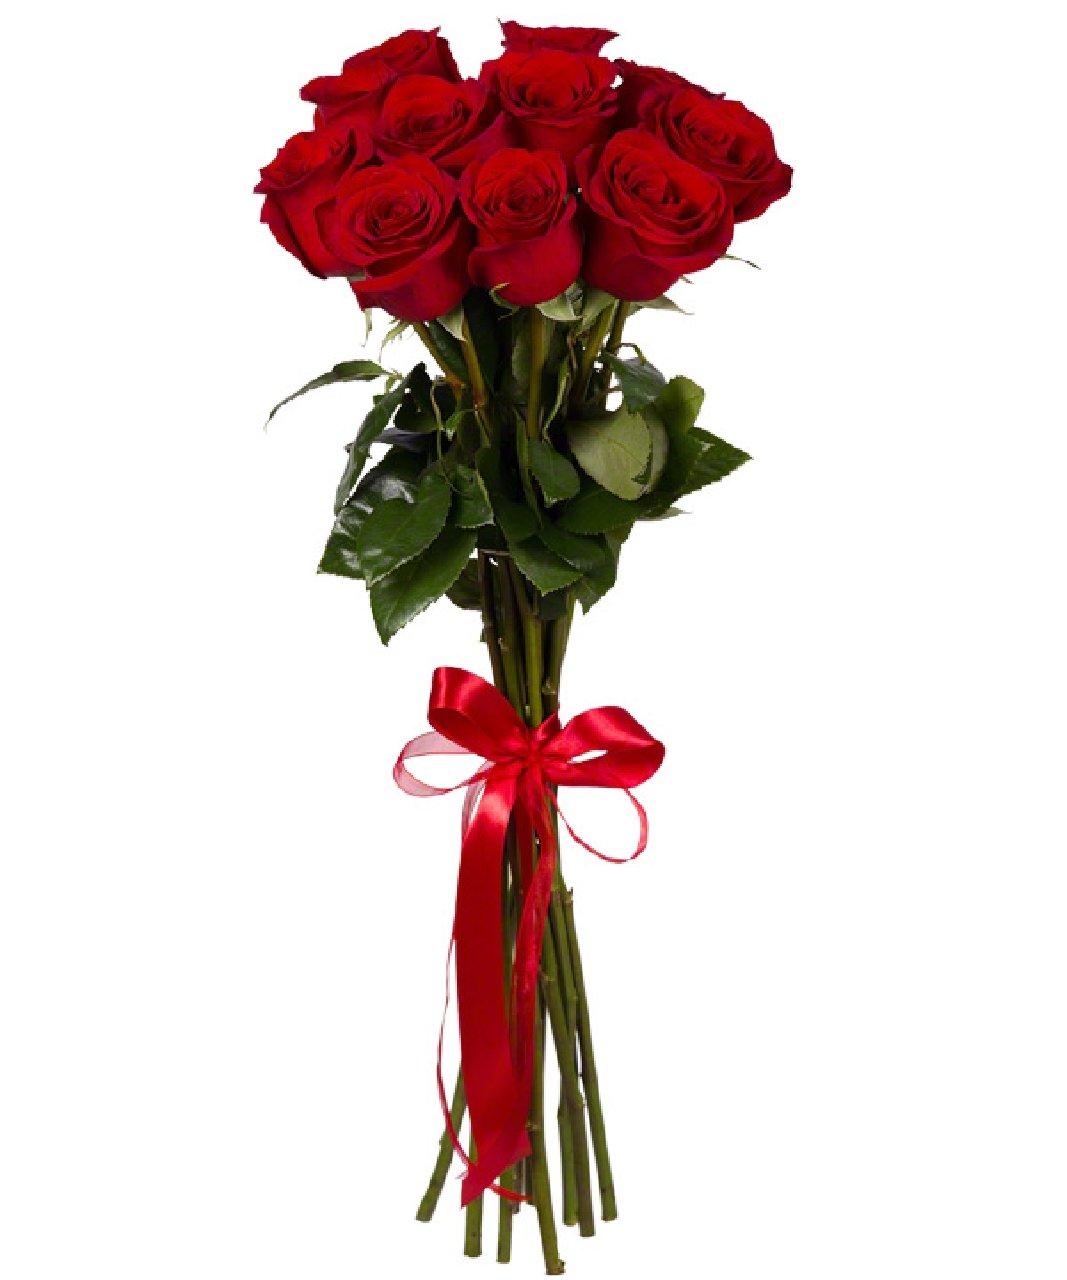 Цветы розу купить дешево киев, для